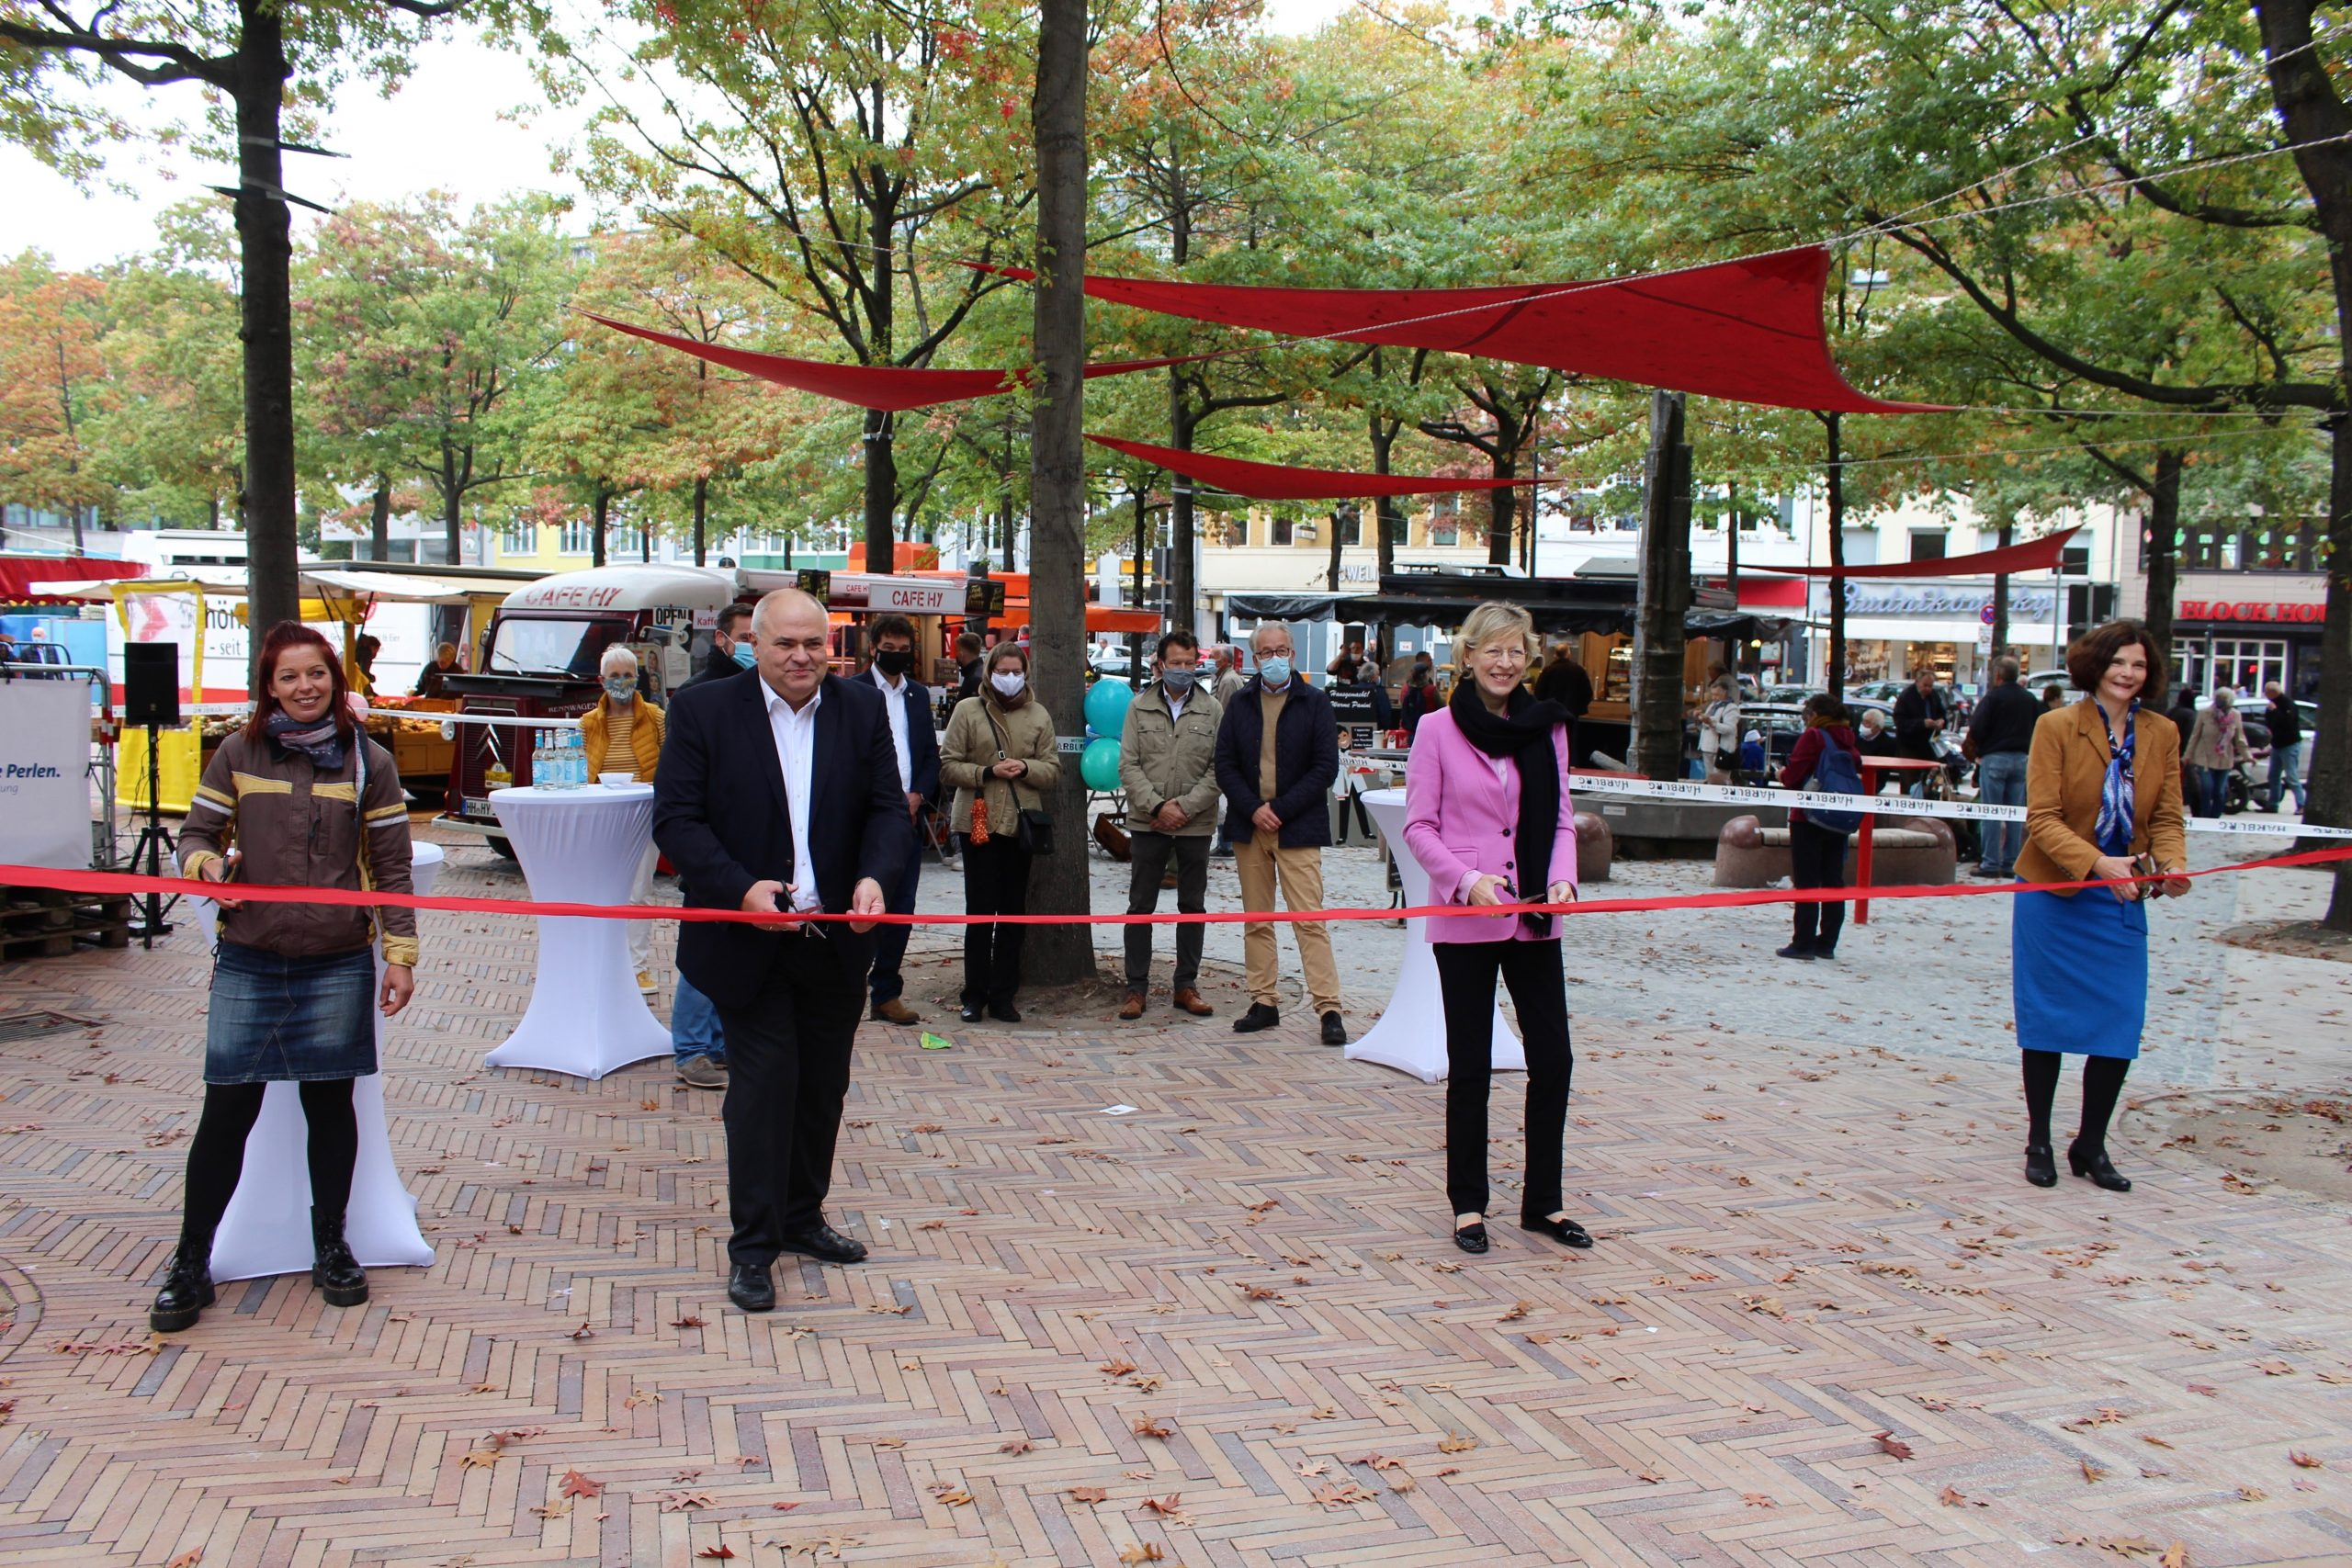 pm -Sie weihten die neu gestaltete Marktfläche offiziell ein (v.l.):Blumenhändlerin Simone Micheel Bernd Meyer Dorothee Stapelfeldt und Sophie Fredenhagen und schnitten gemeinsam das  rote Band durch